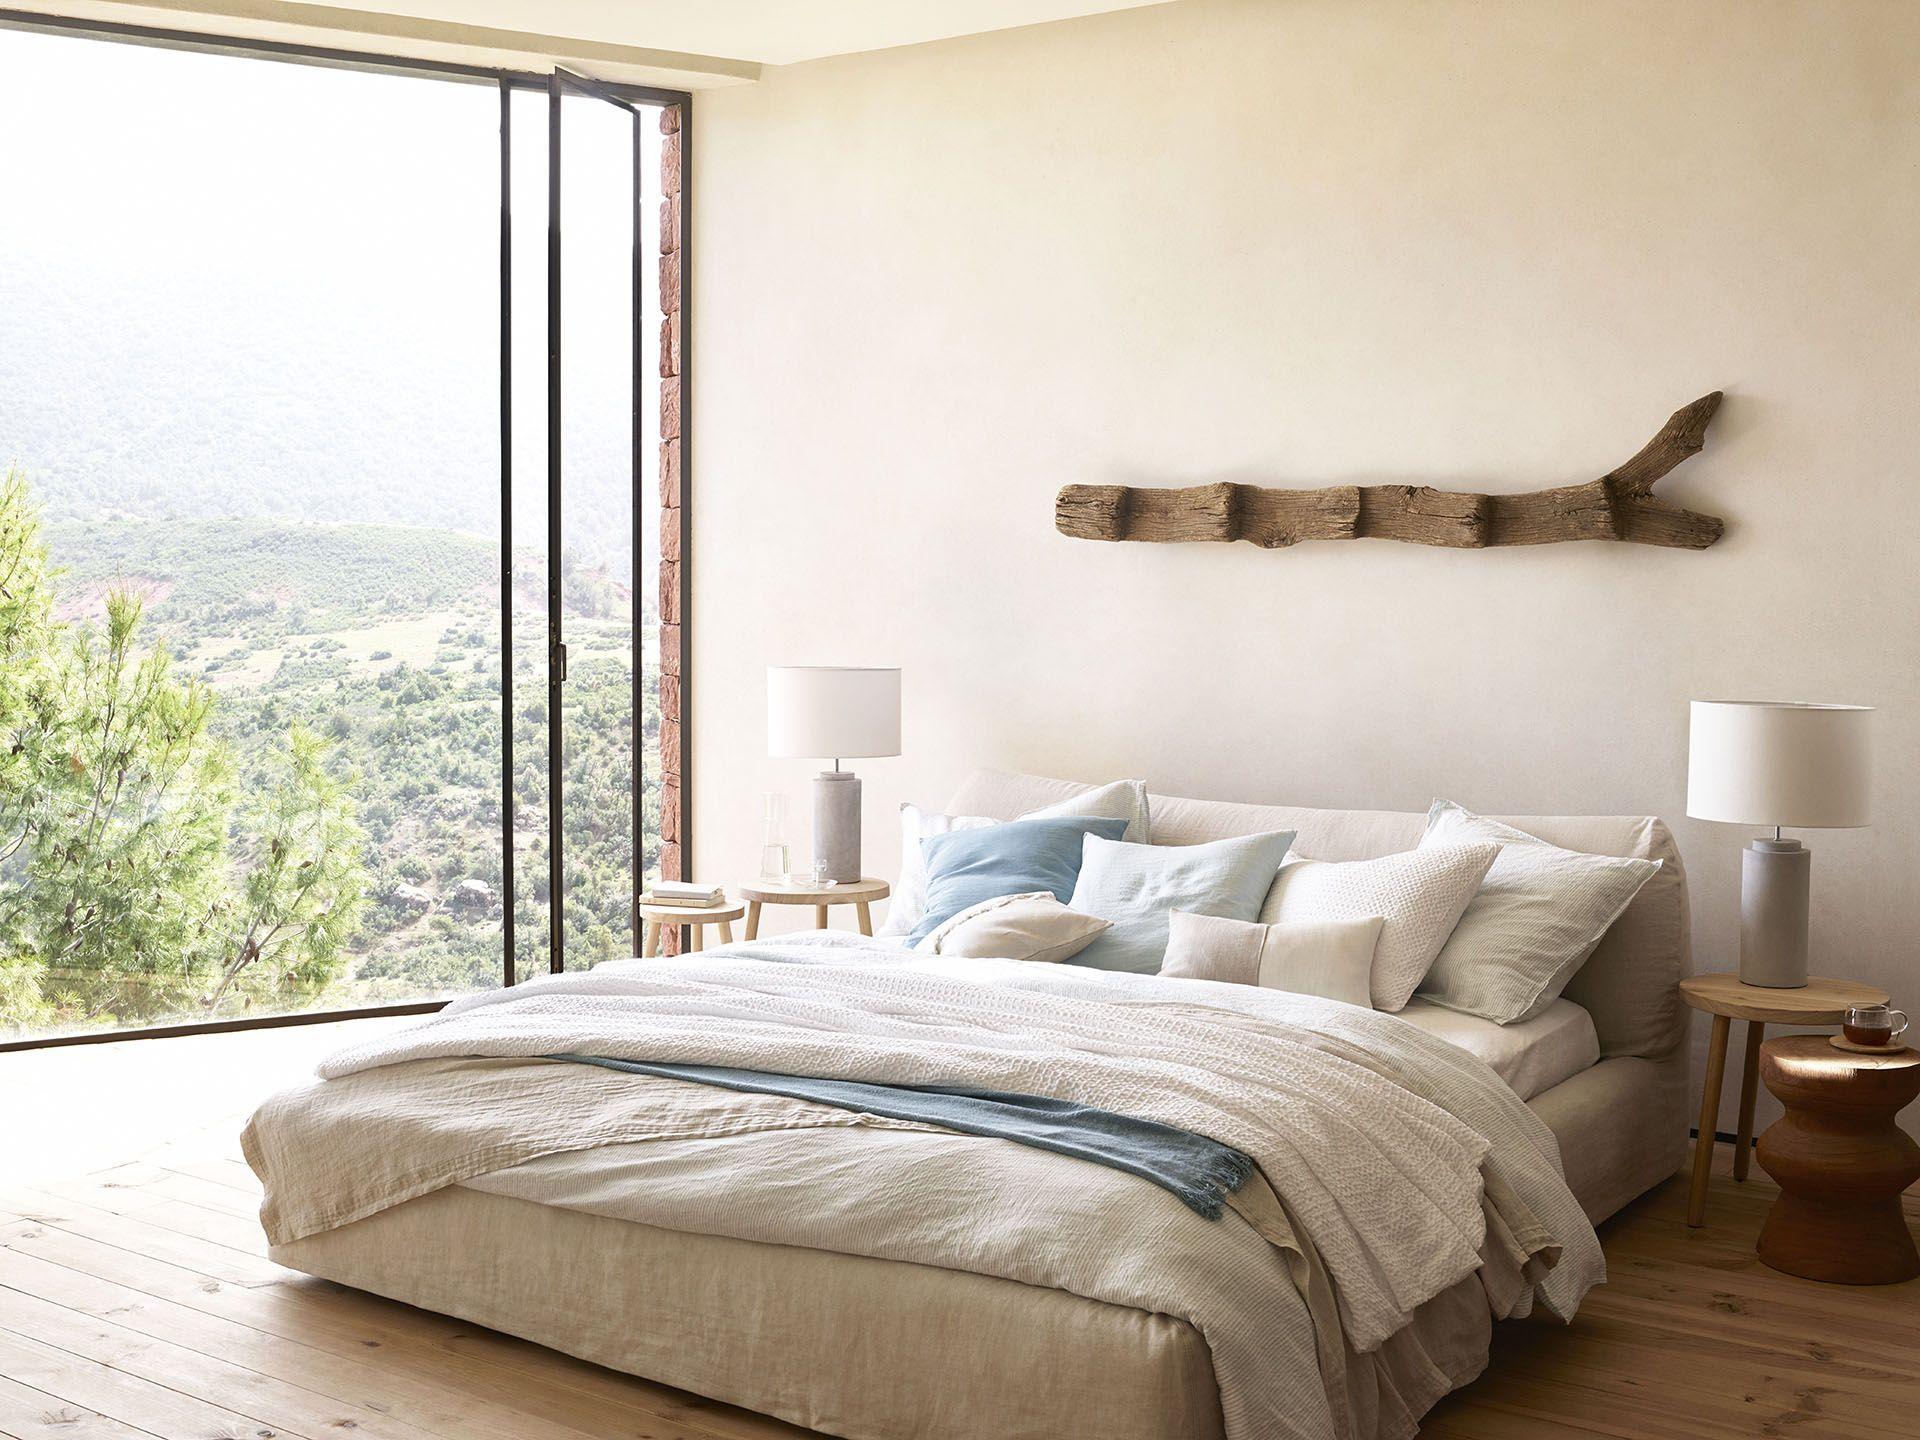 Zara Home Bedroom, Home Decor Styles, Zara Home